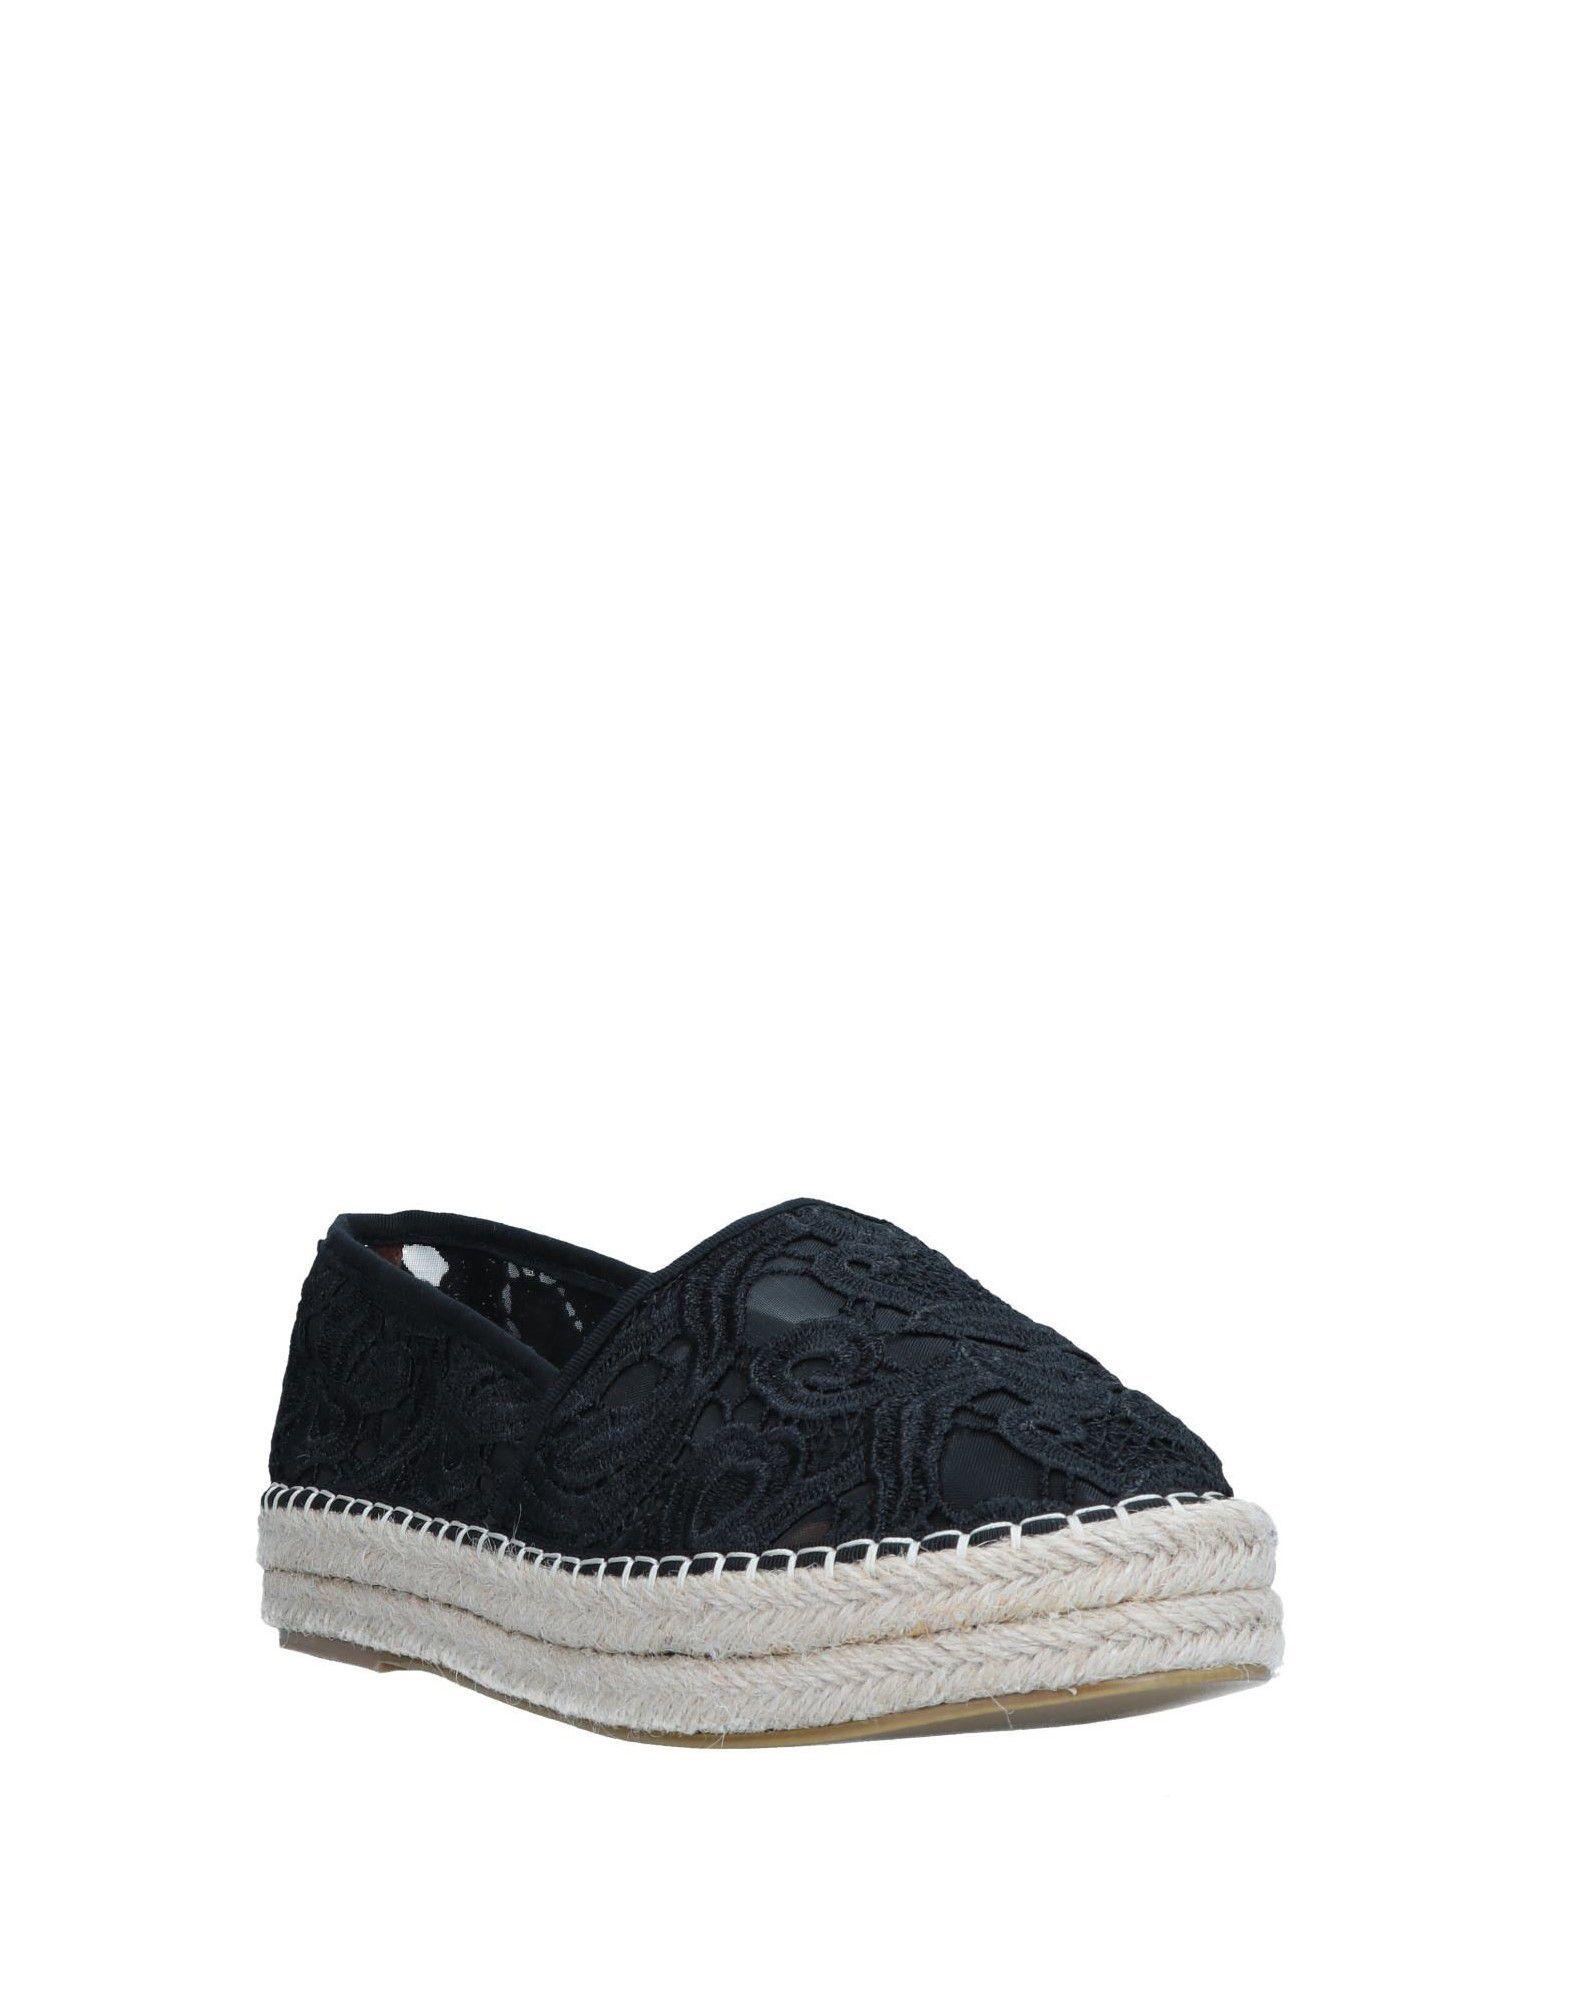 Alma En Pena. Espadrilles Damen Damen Damen  11545949BR Gute Qualität beliebte Schuhe ff7831